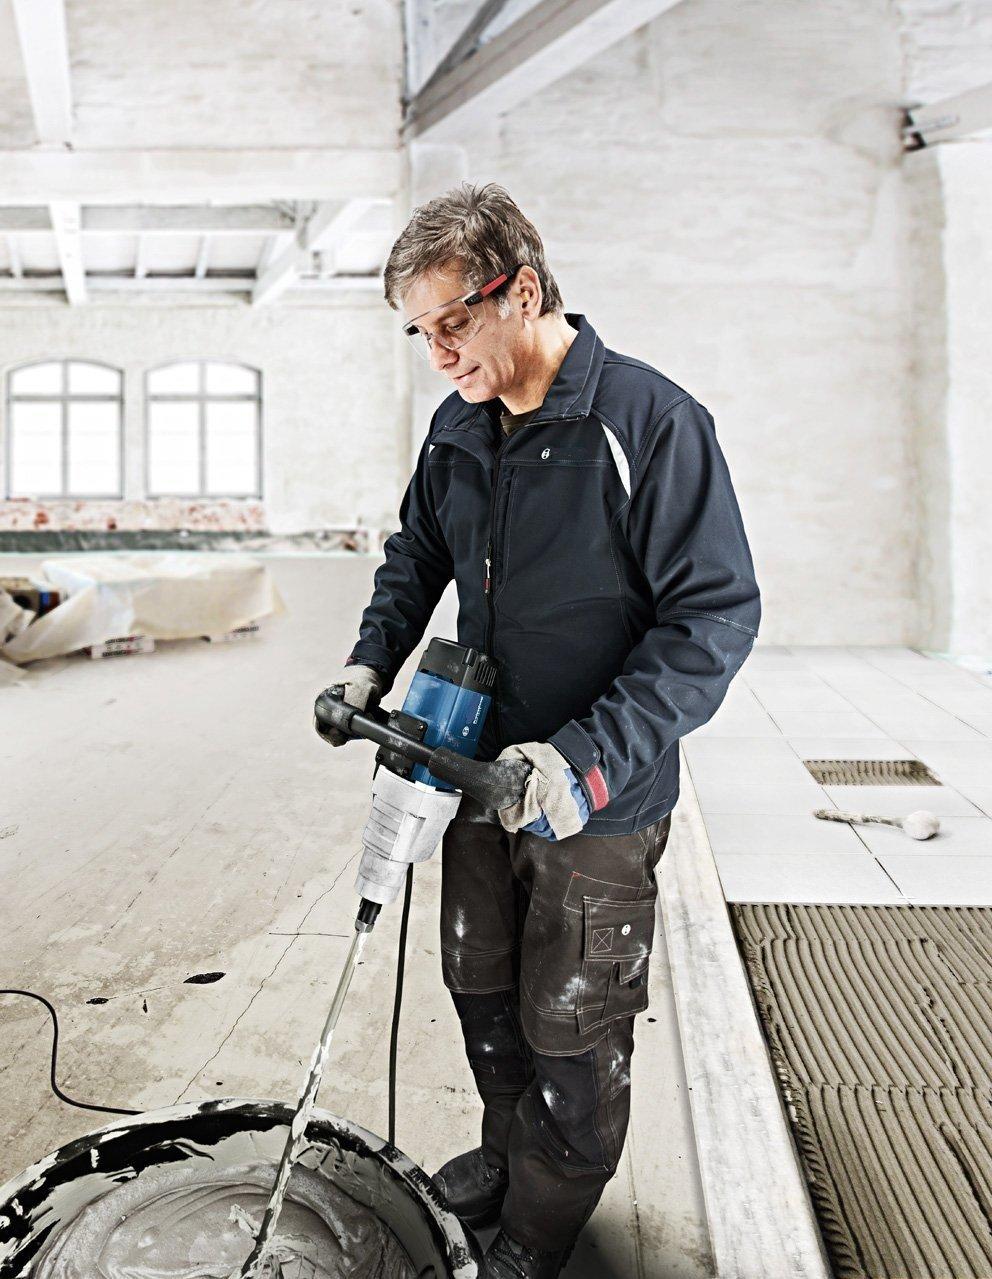 batidor mezclador de pala cemento pala para yeso multi mezclador de alta resistencia 120 mm x 600 mm M 14 rosca hormig/ón pintura Mezclador profesional